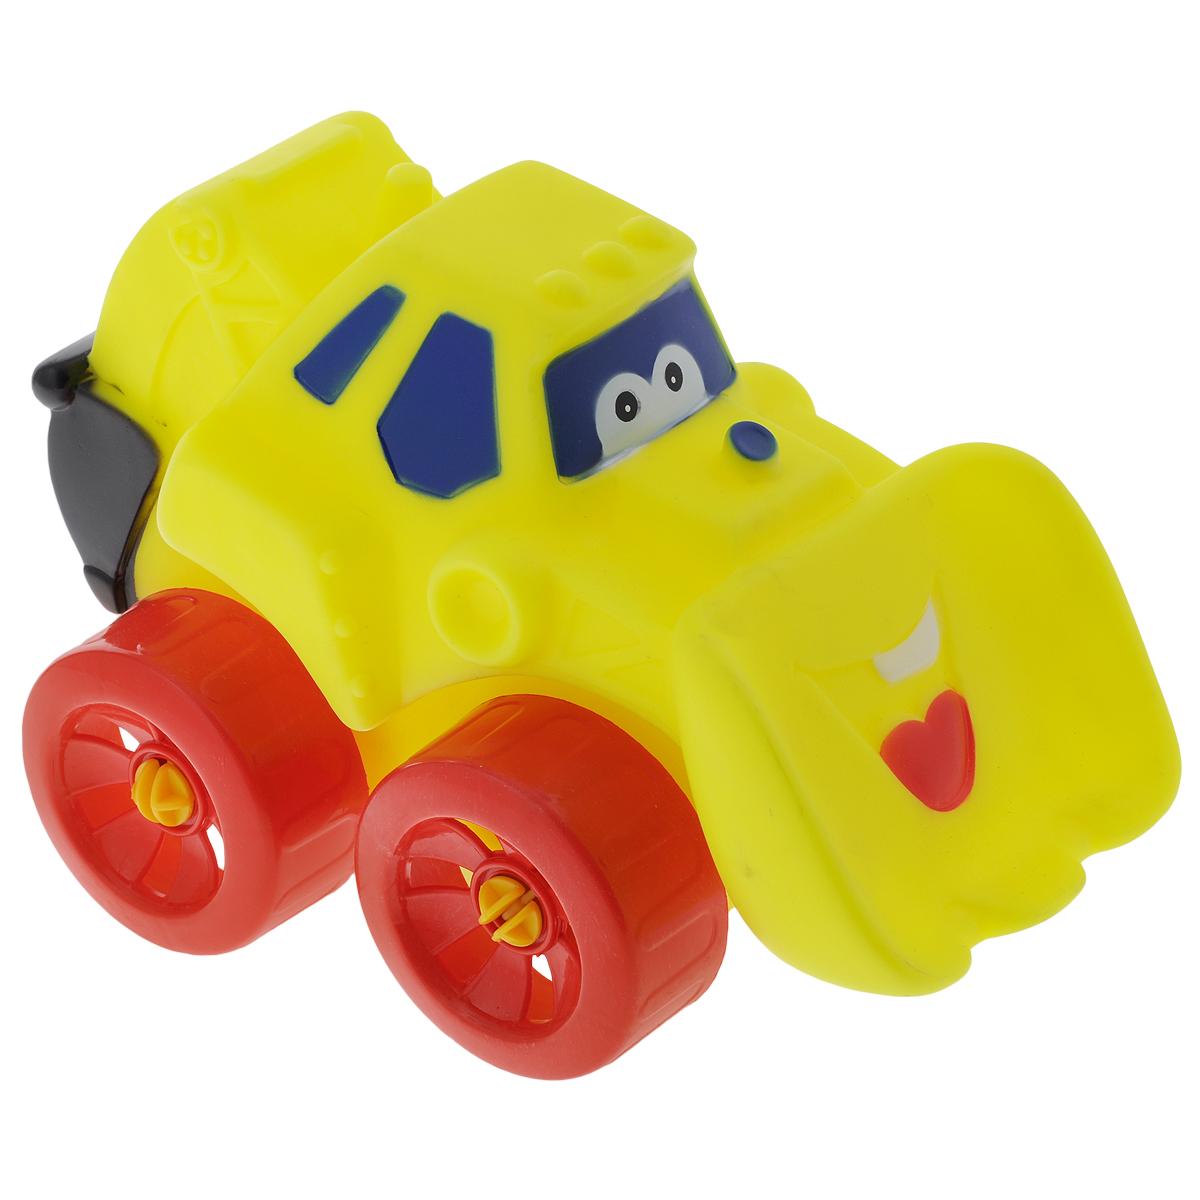 """Яркая машинка-бульдозер Erpa """"Tombis"""" понравится вашему малышу. Машинка выполнена из высококачественного мягкого пластика. Большие колеса со свободным ходом обеспечивают хорошую проходимость. Такая игрушка способствует развитию у малыша тактильных ощущений, мелкой моторики рук и координации движений."""